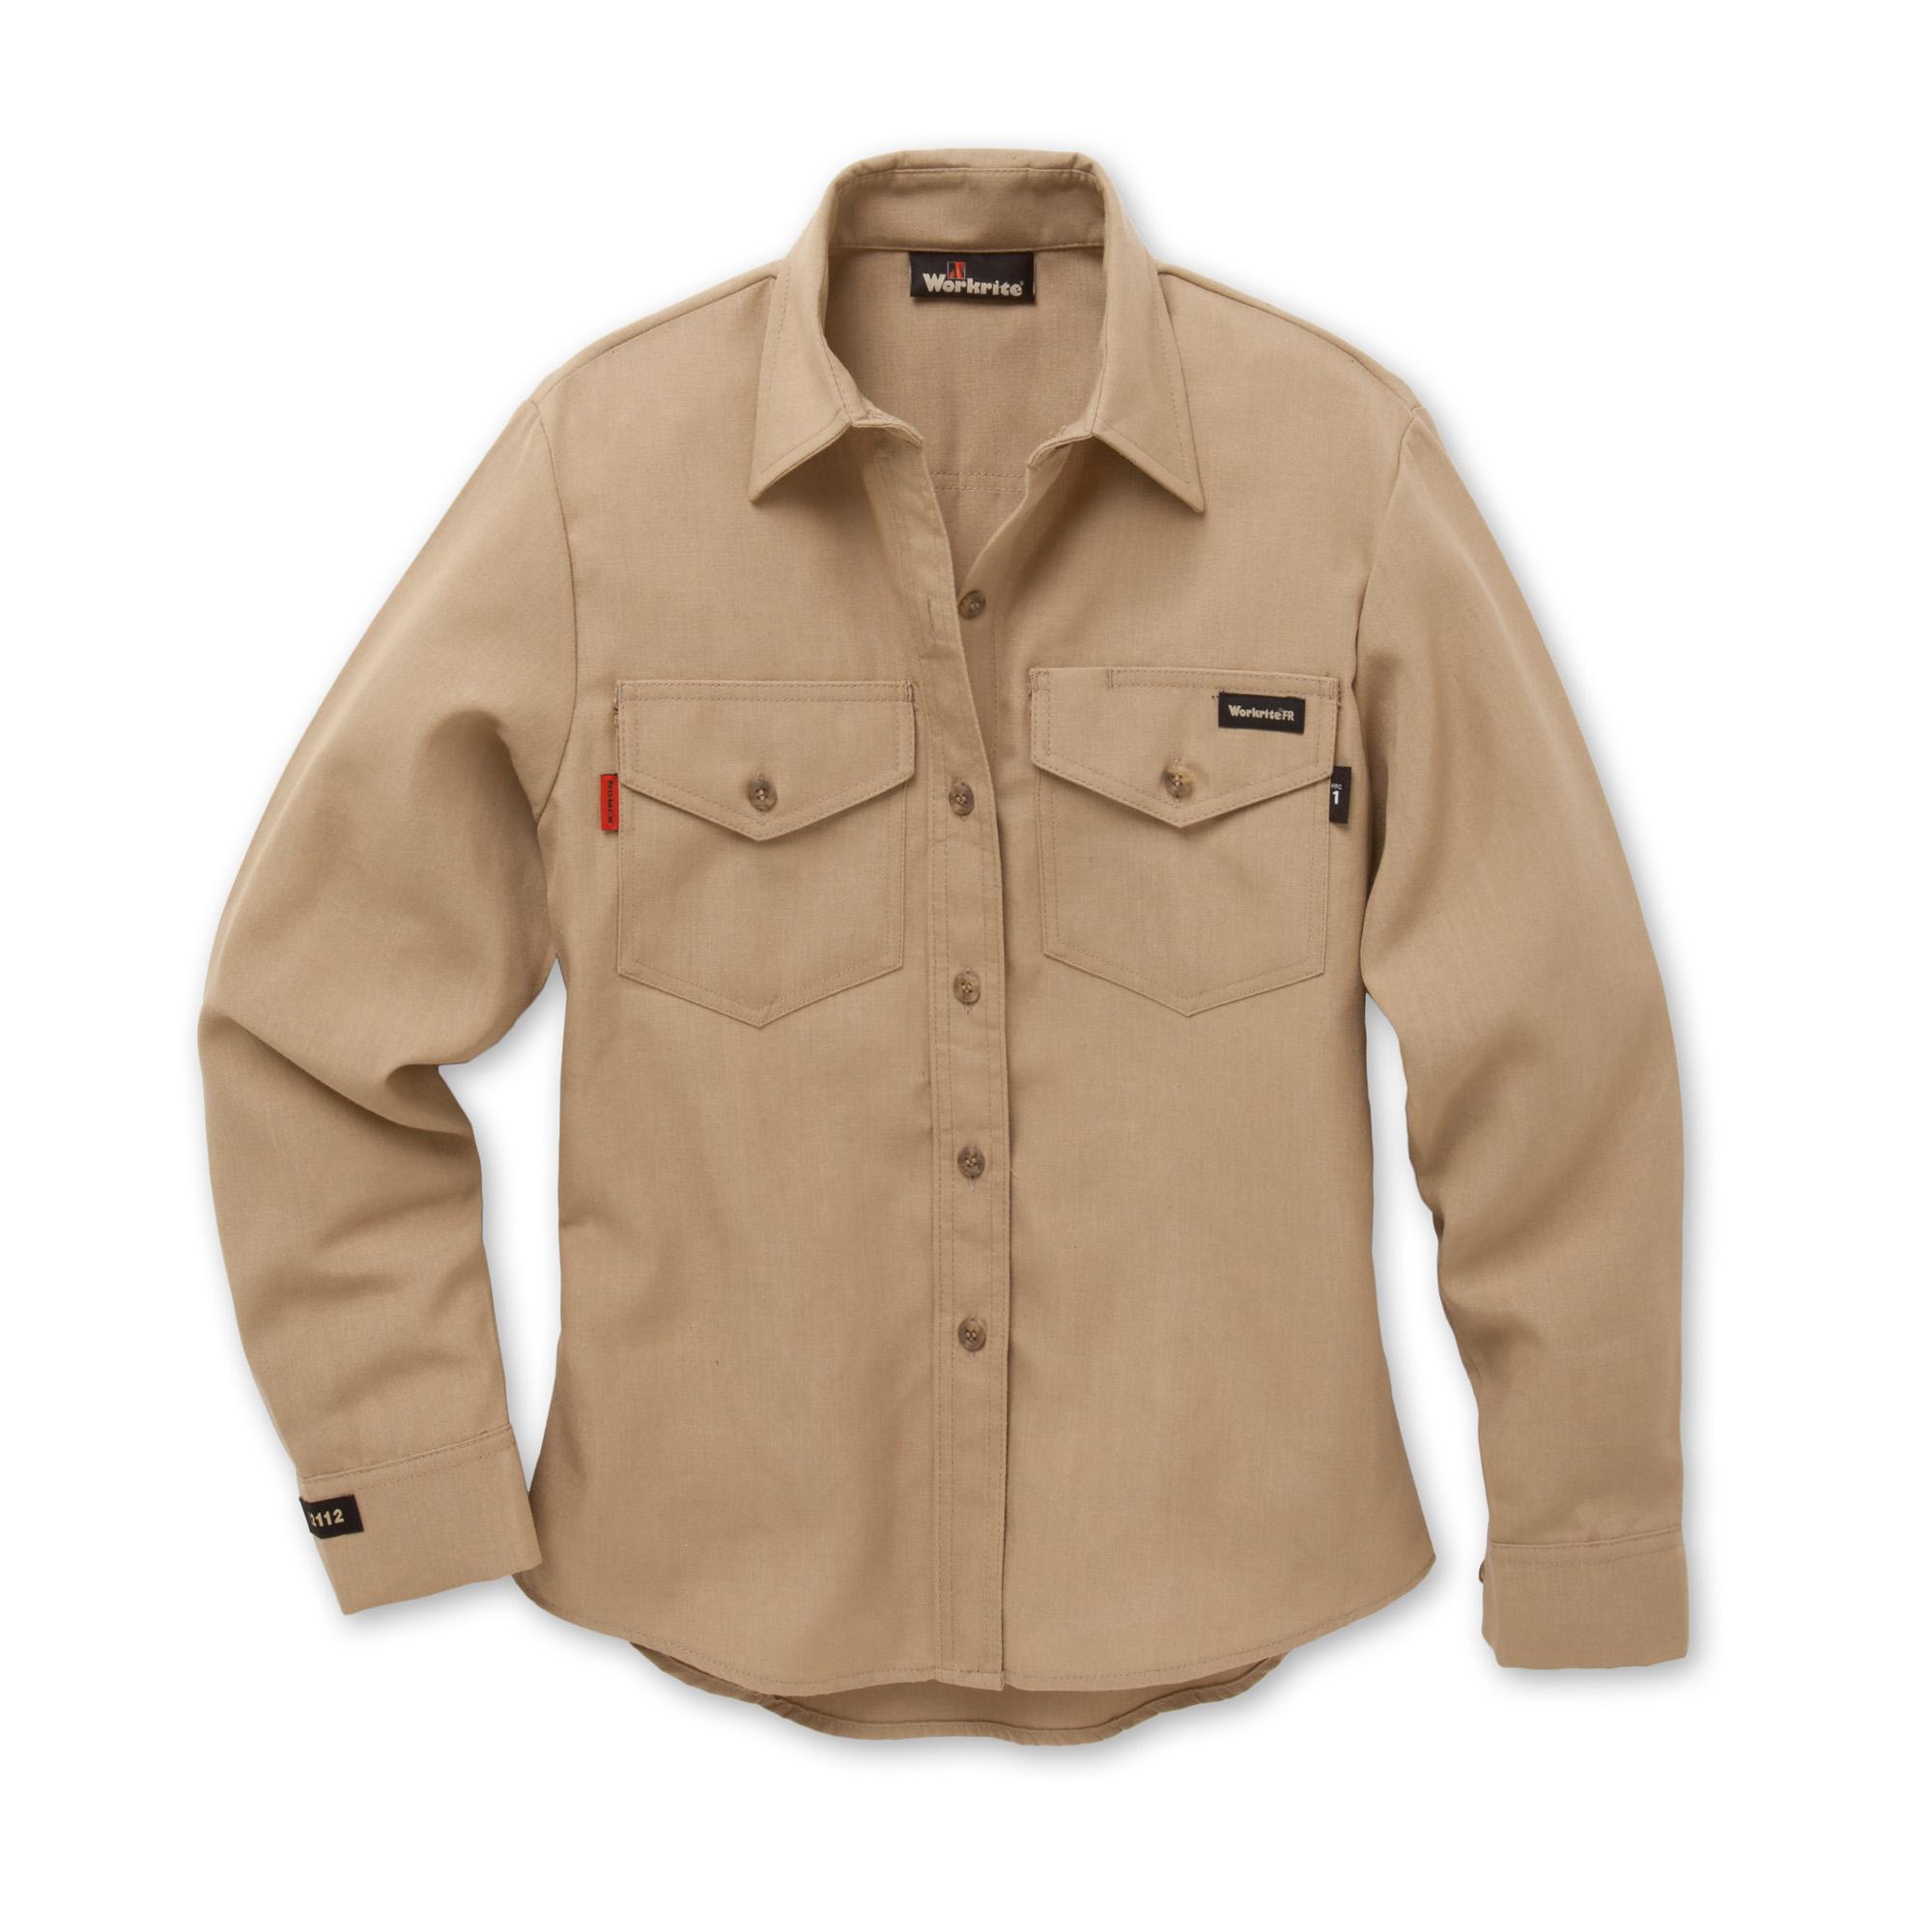 Workrite Uniform Co Workrite Women S 4 5 Oz Nomex Iiia